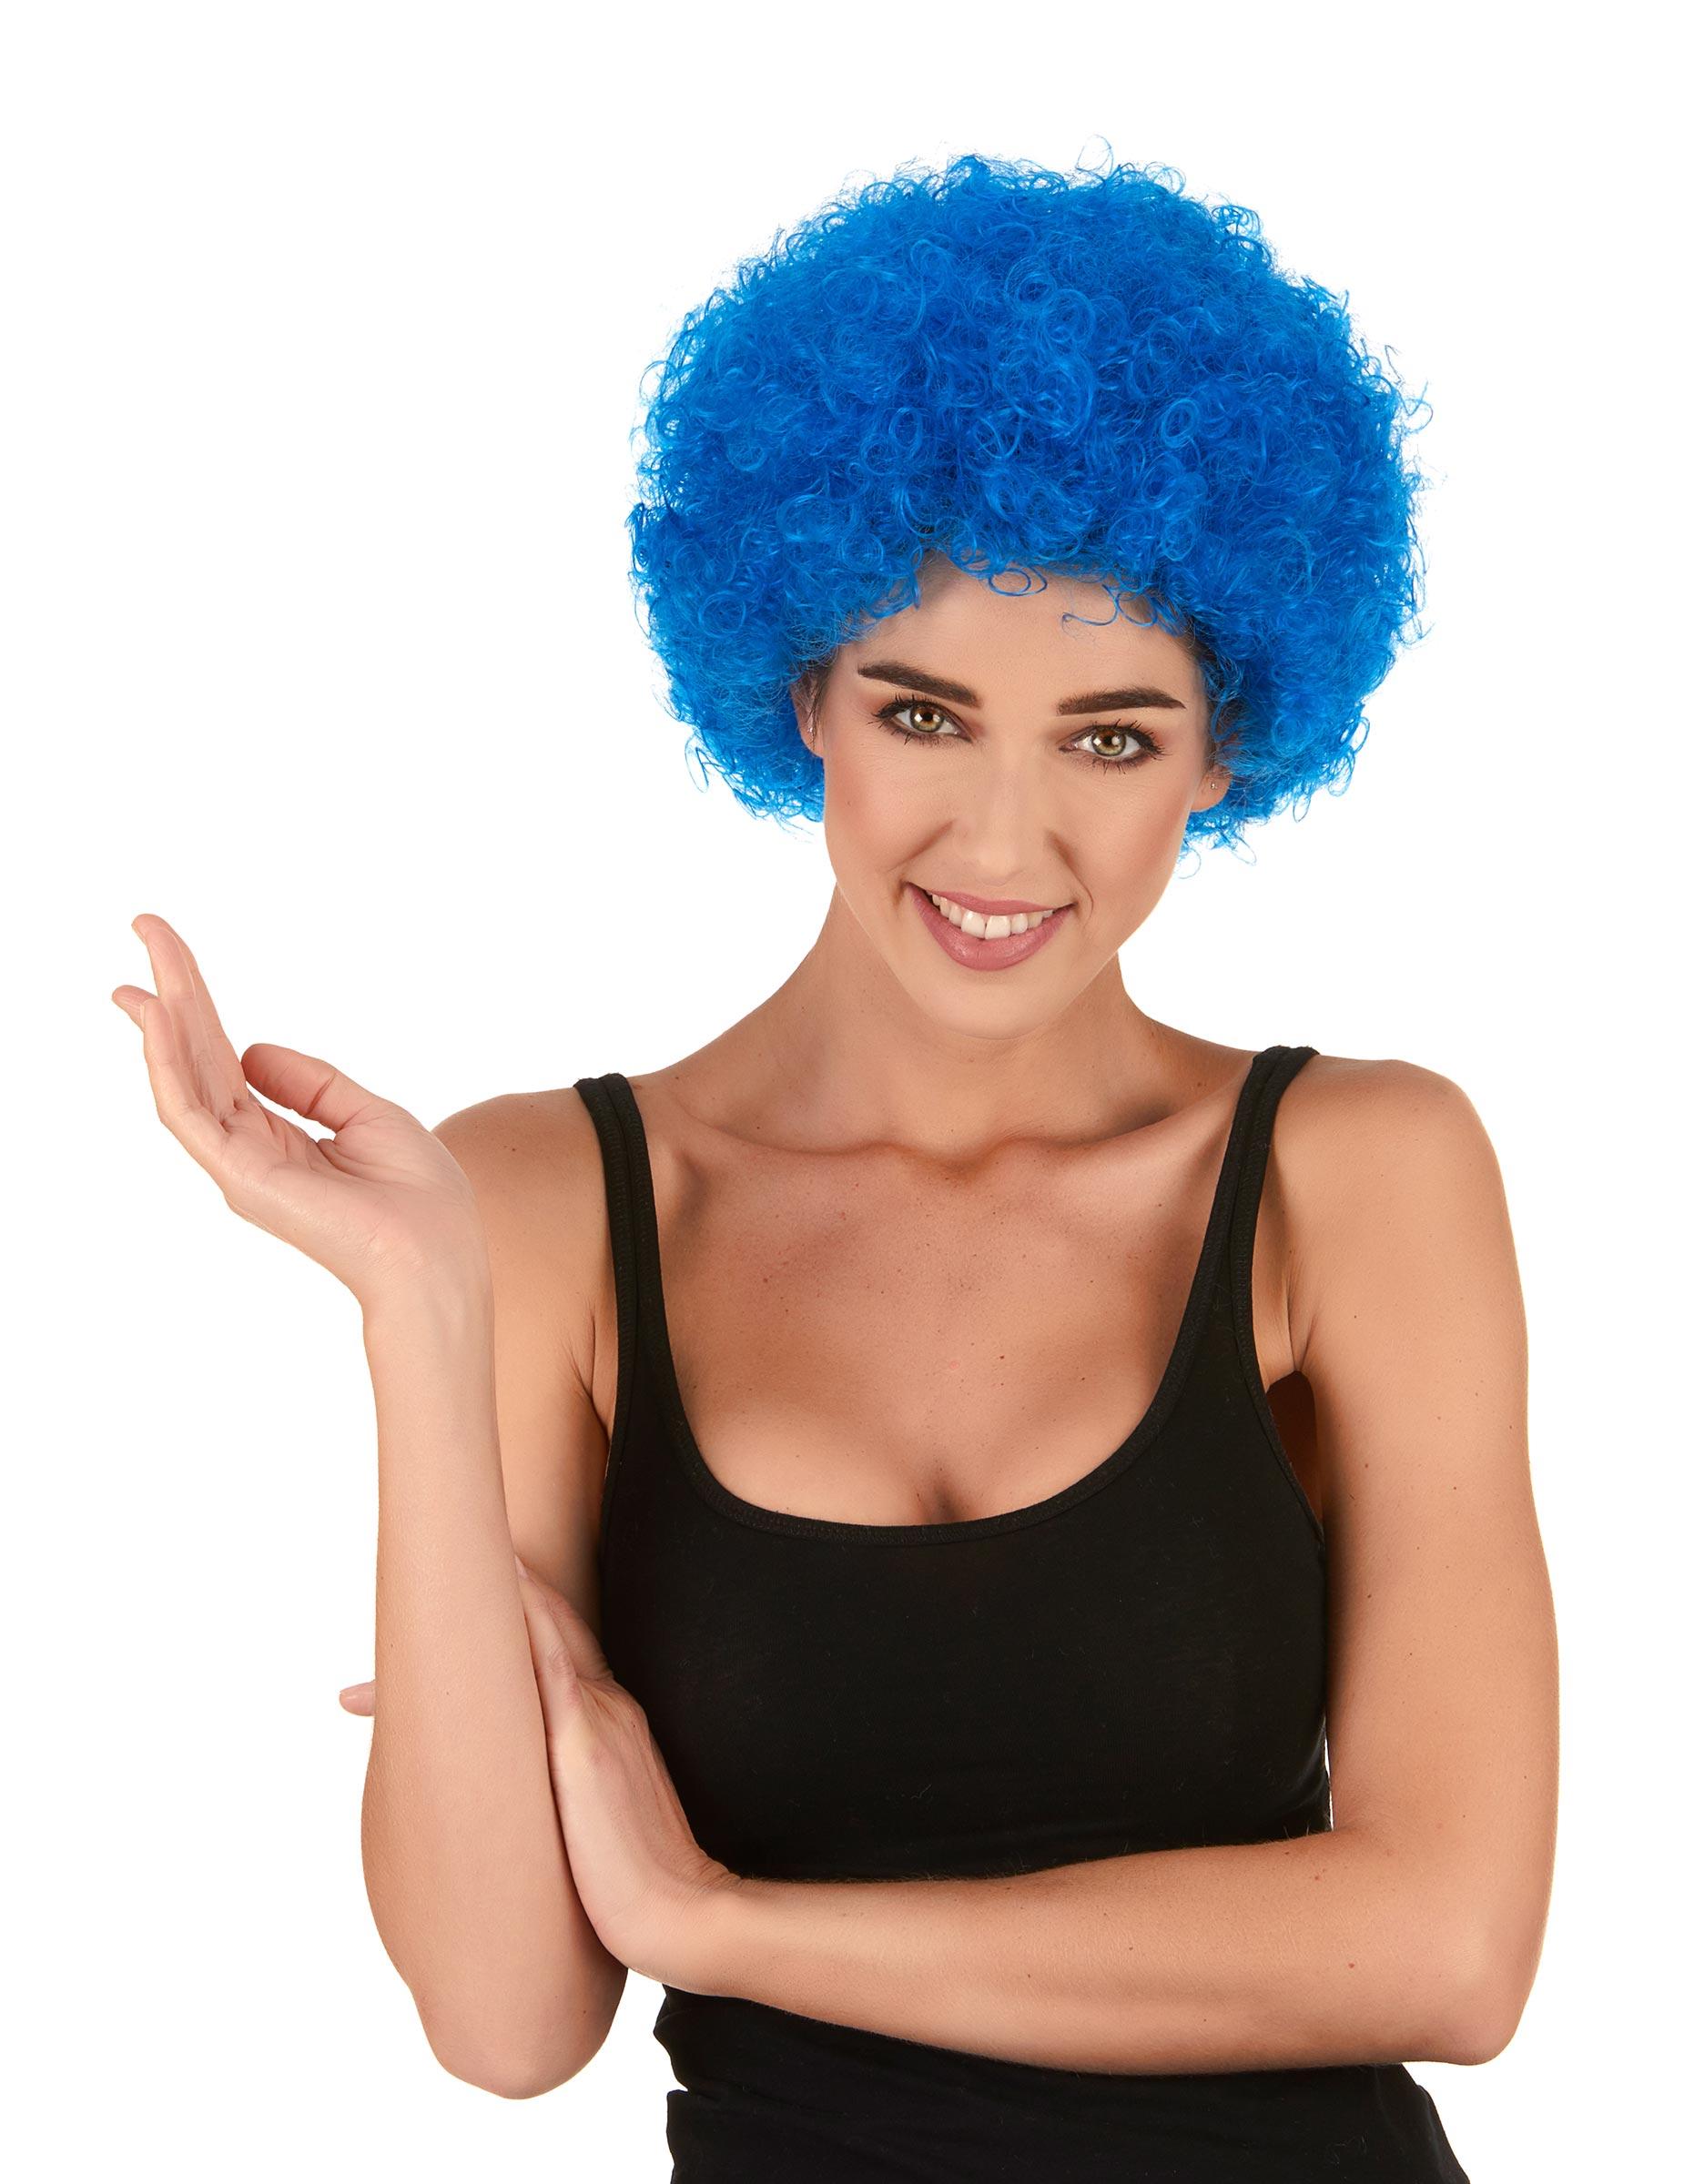 Lustige Clown Afro Percke Blau Gnstige Faschings